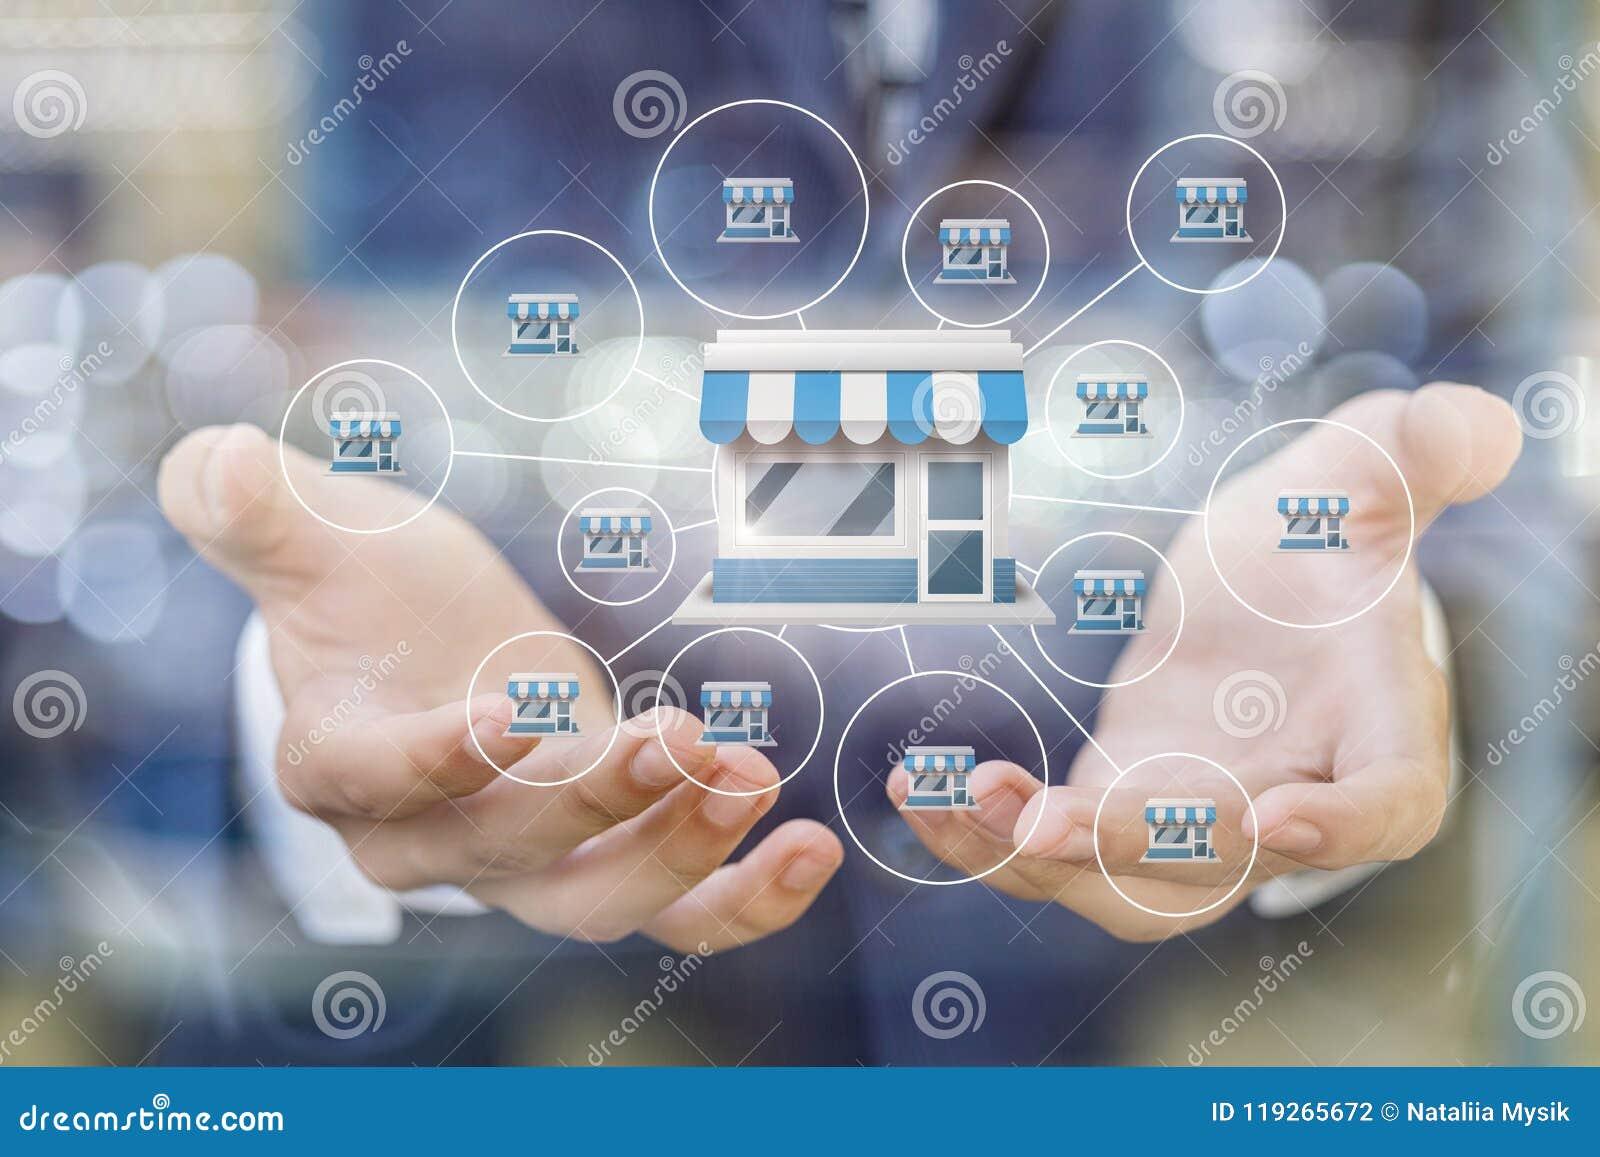 给予销售系统特权在商人的手上